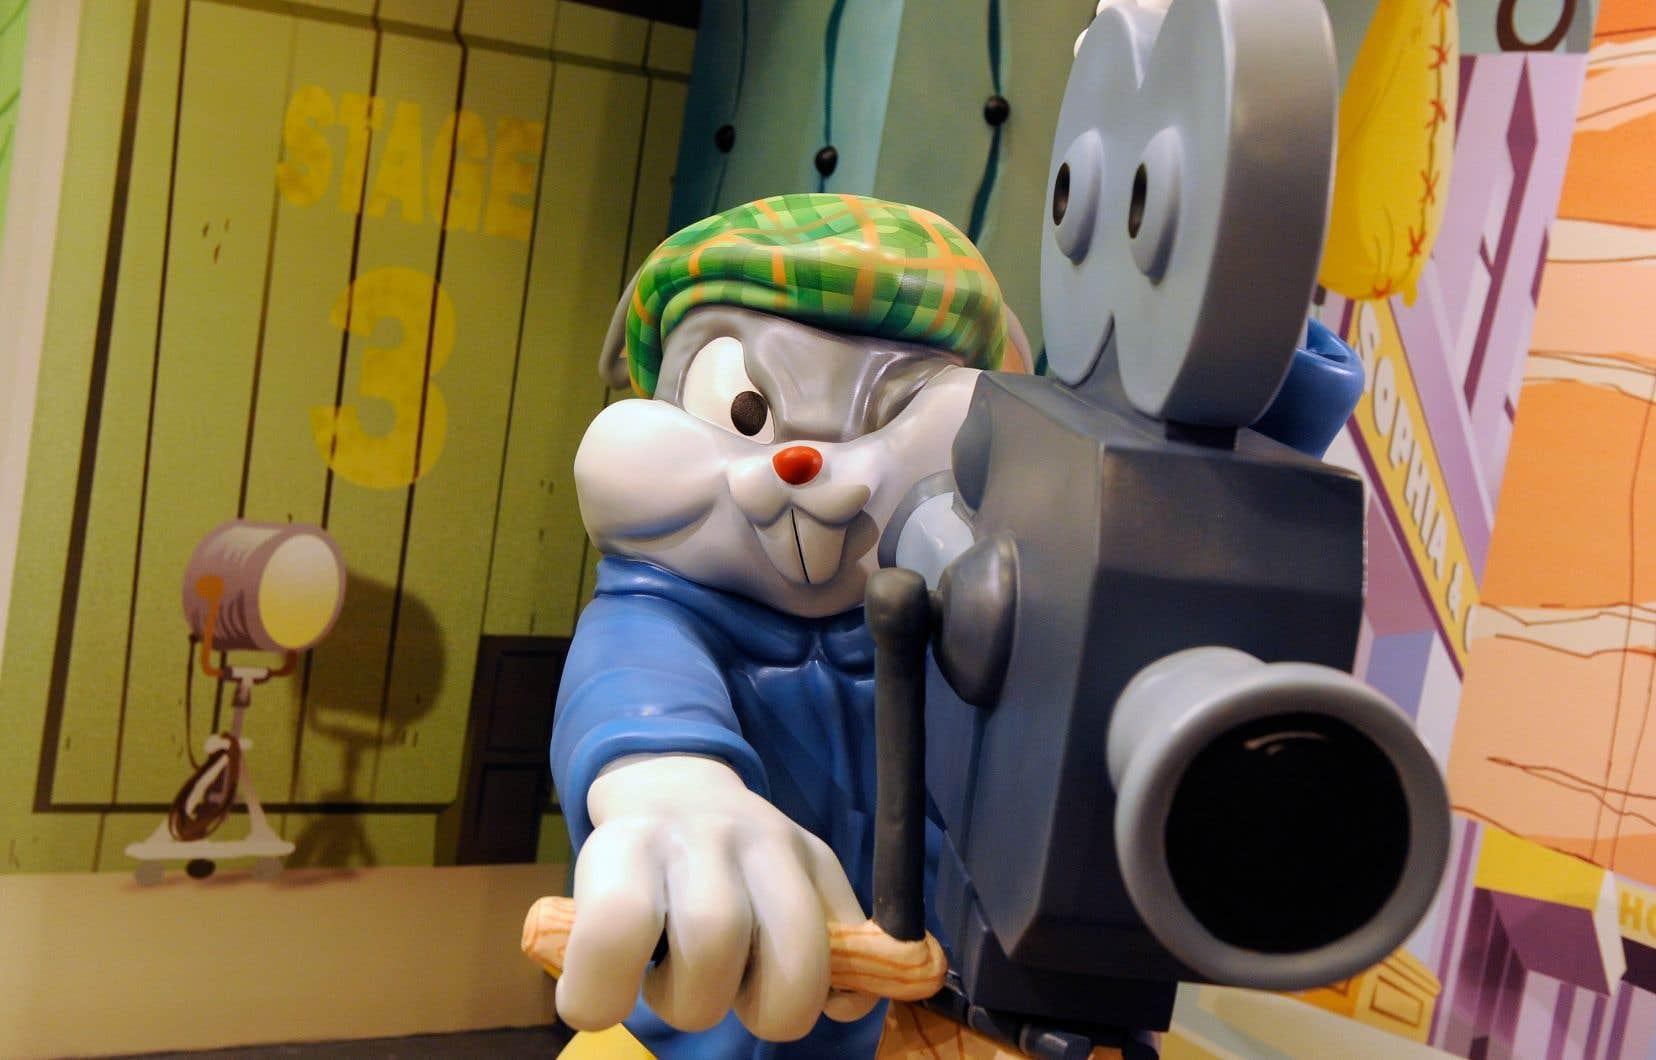 Après avoir travaillé au studio de Walt Disney, l'artiste a notamment contribué à la création de Bugs Bunny, Tom et Jerry, Daffy Duck, Popeye et les Chipmunks.